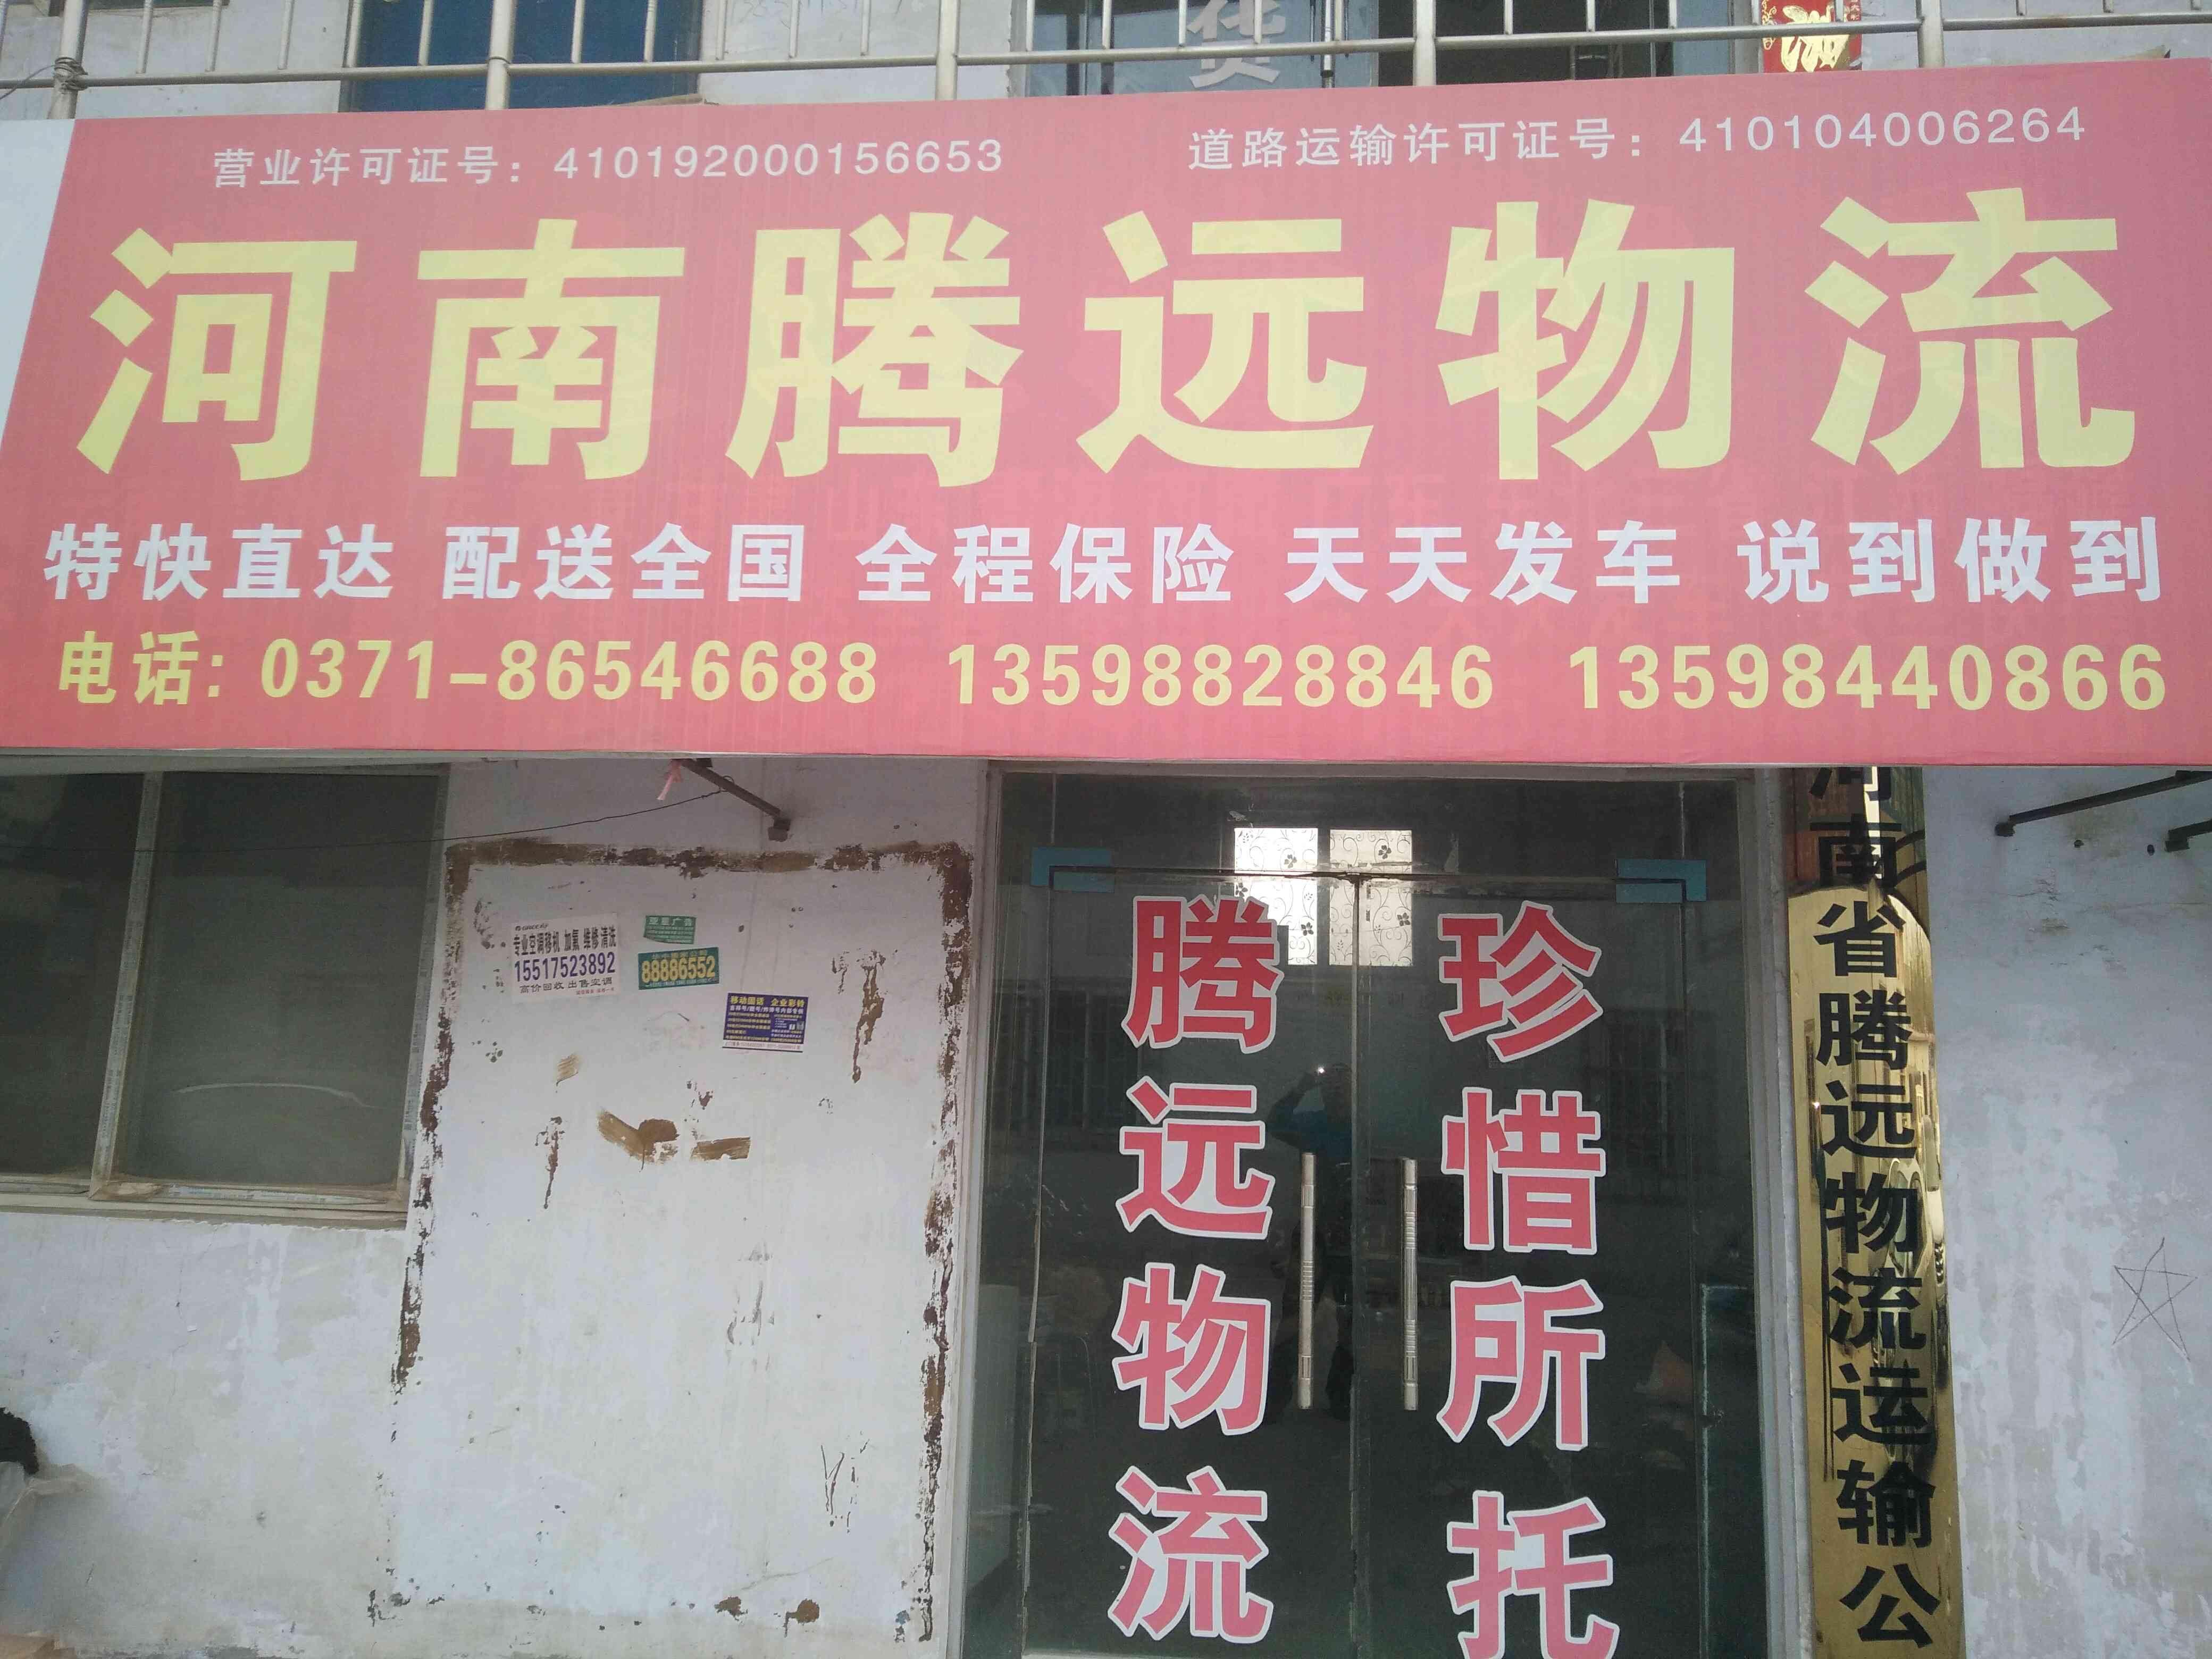 郑州到南阳物流专线(郑州腾远货运有限公司)